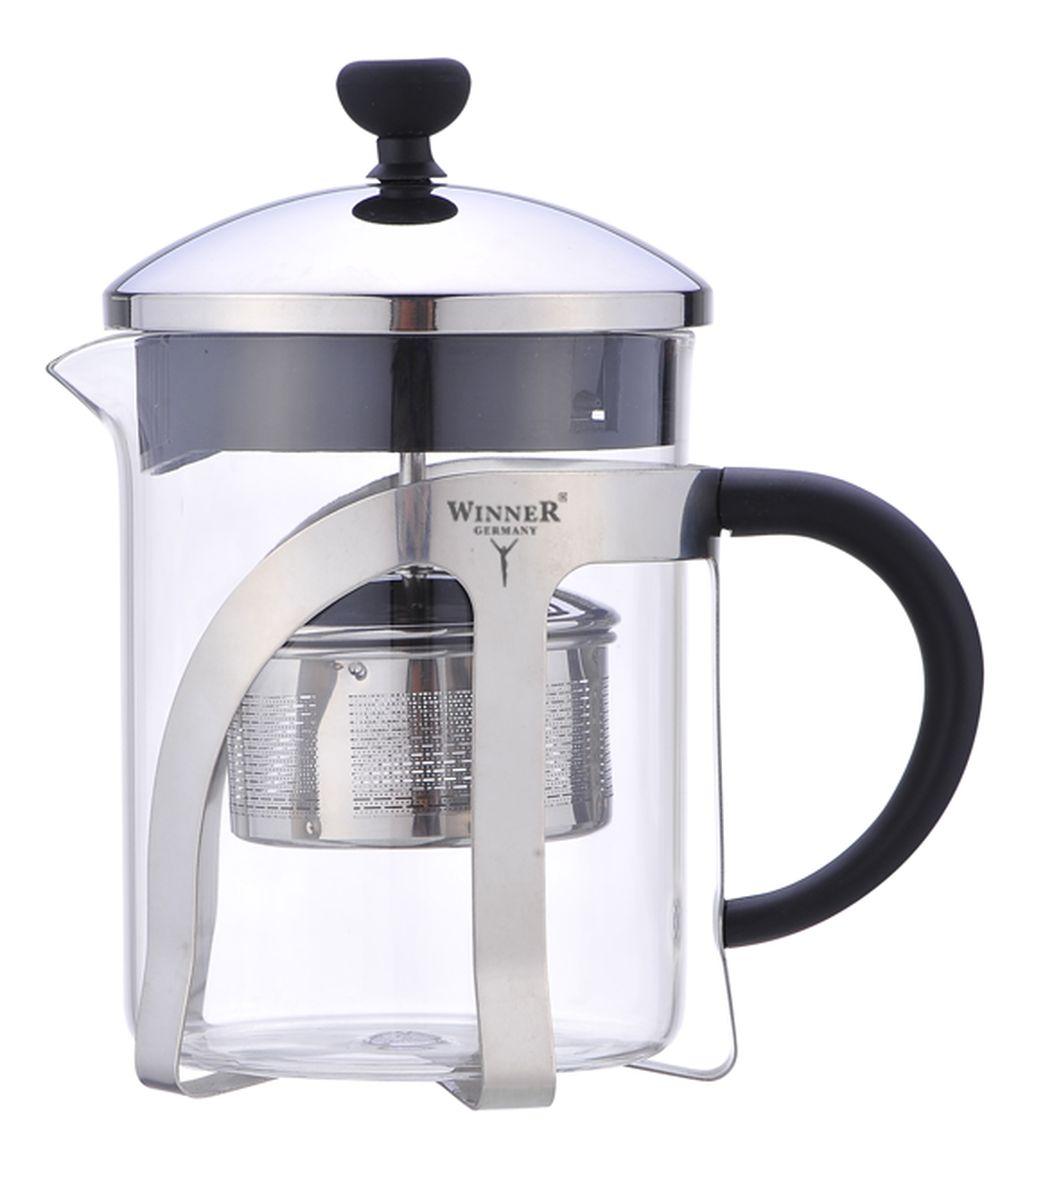 """Чайник заварочный """"Winner"""", изготовленный из термостойкого стекла с пластиковой ручкой, предоставит вам все необходимые возможности для успешного заваривания чая. Чай в таком чайнике дольше остается горячим, а полезные и ароматические вещества полностью сохраняются в напитке. Чайник оснащен фильтром, крышкой. Простой и удобный френч-пресс """"Winner"""" поможет вам приготовить крепкий, ароматный чай.Диаметр чайника (по верхнему краю): 9,5 см.Высота чайника (без учета крышки): 11,5 см.Высота фильтра: 3,5 см."""